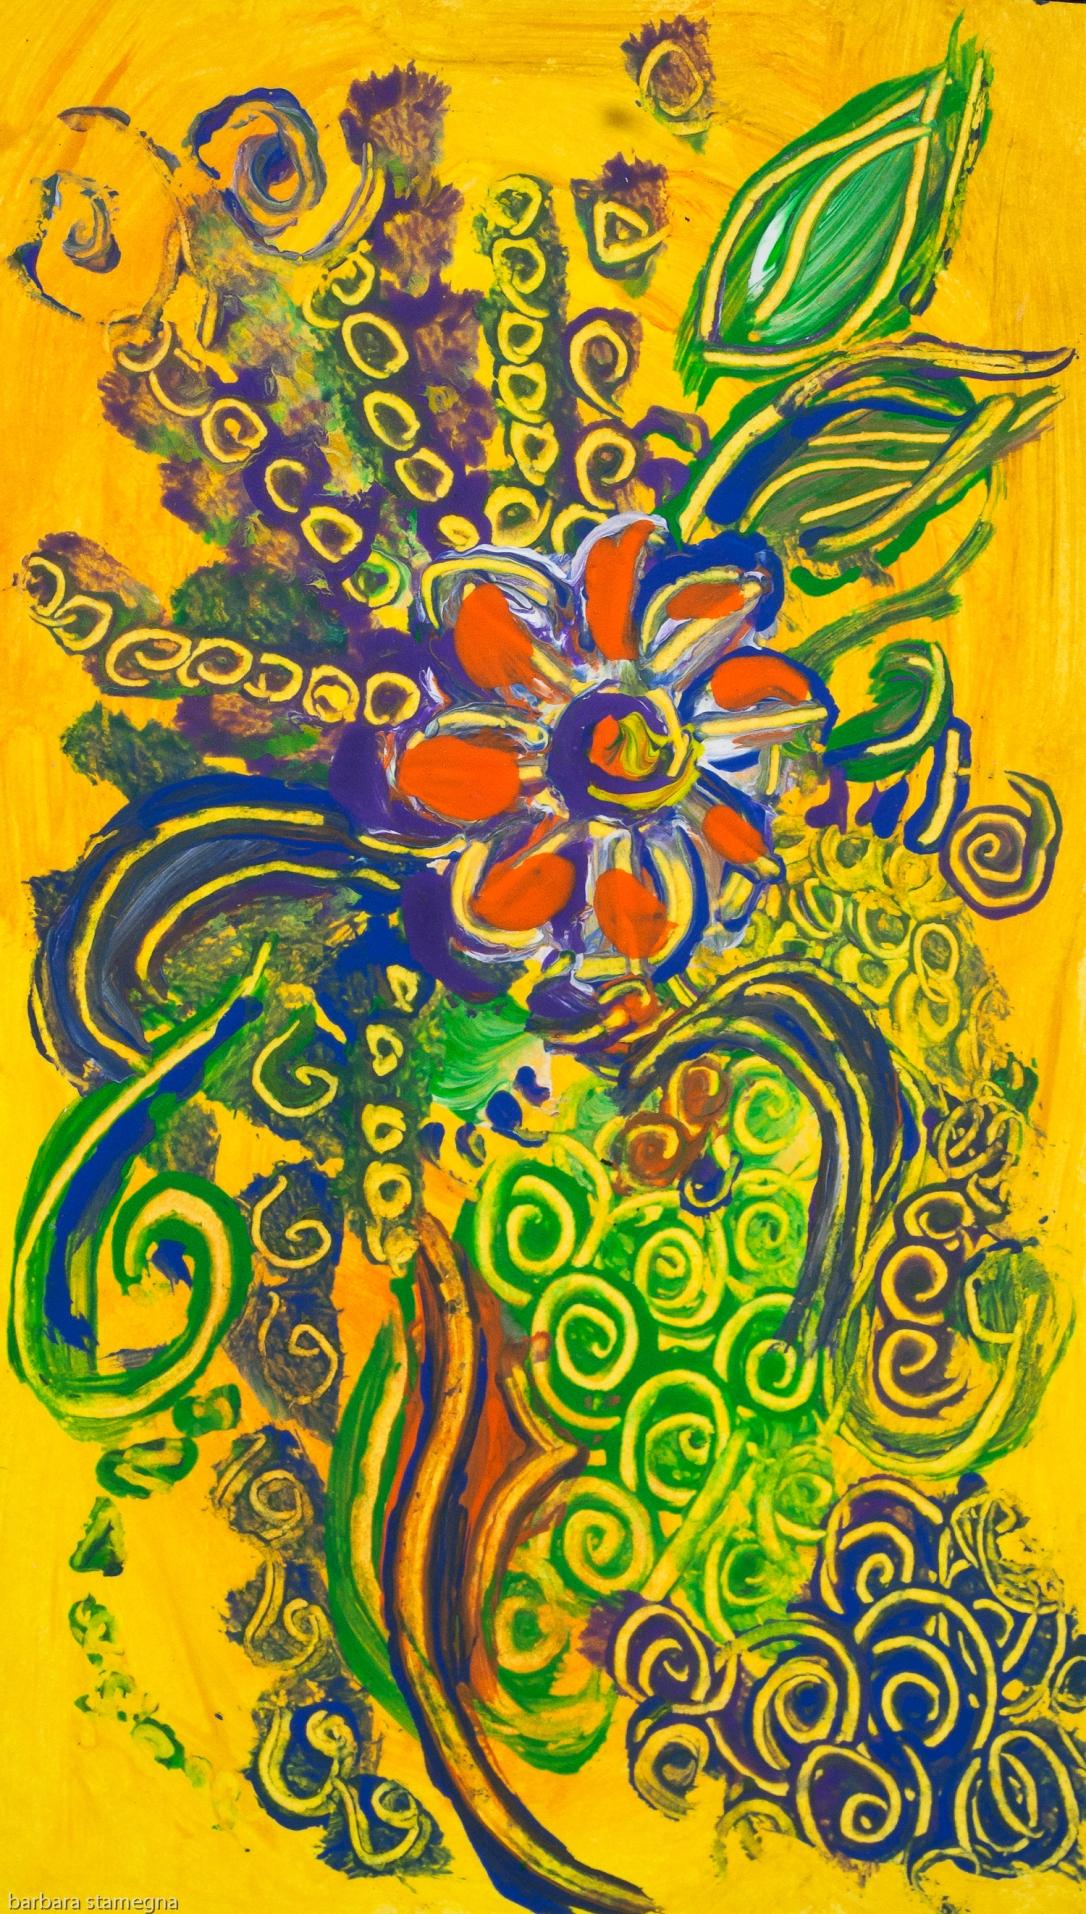 fiore astratto arancione su sfondo giallo con forme di foglie